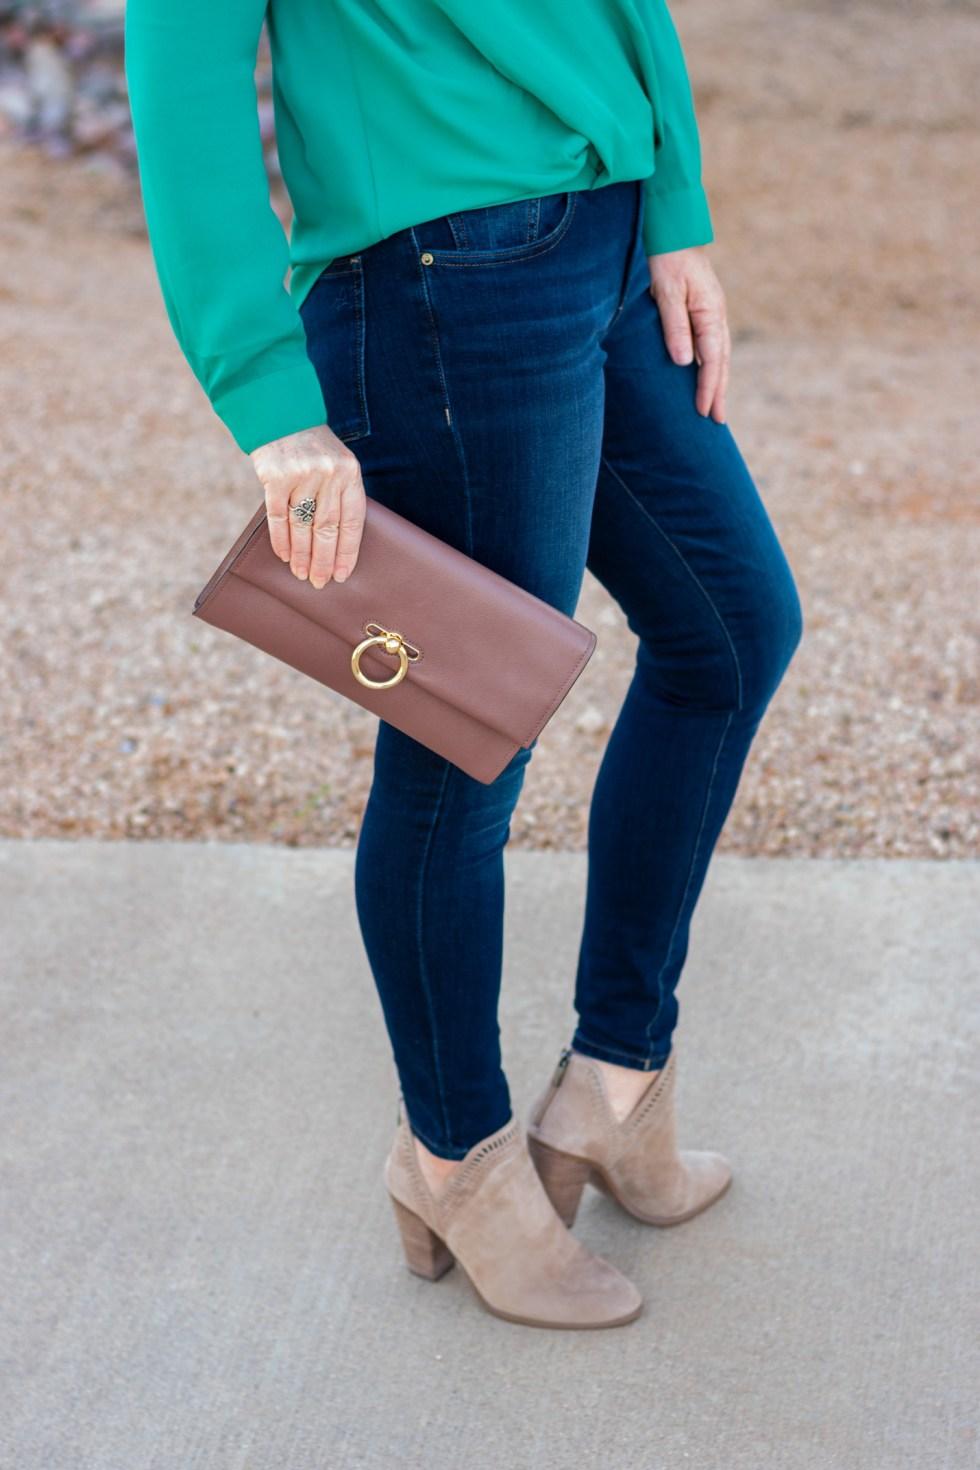 Cutout Surplice Top + Skinny Jeans